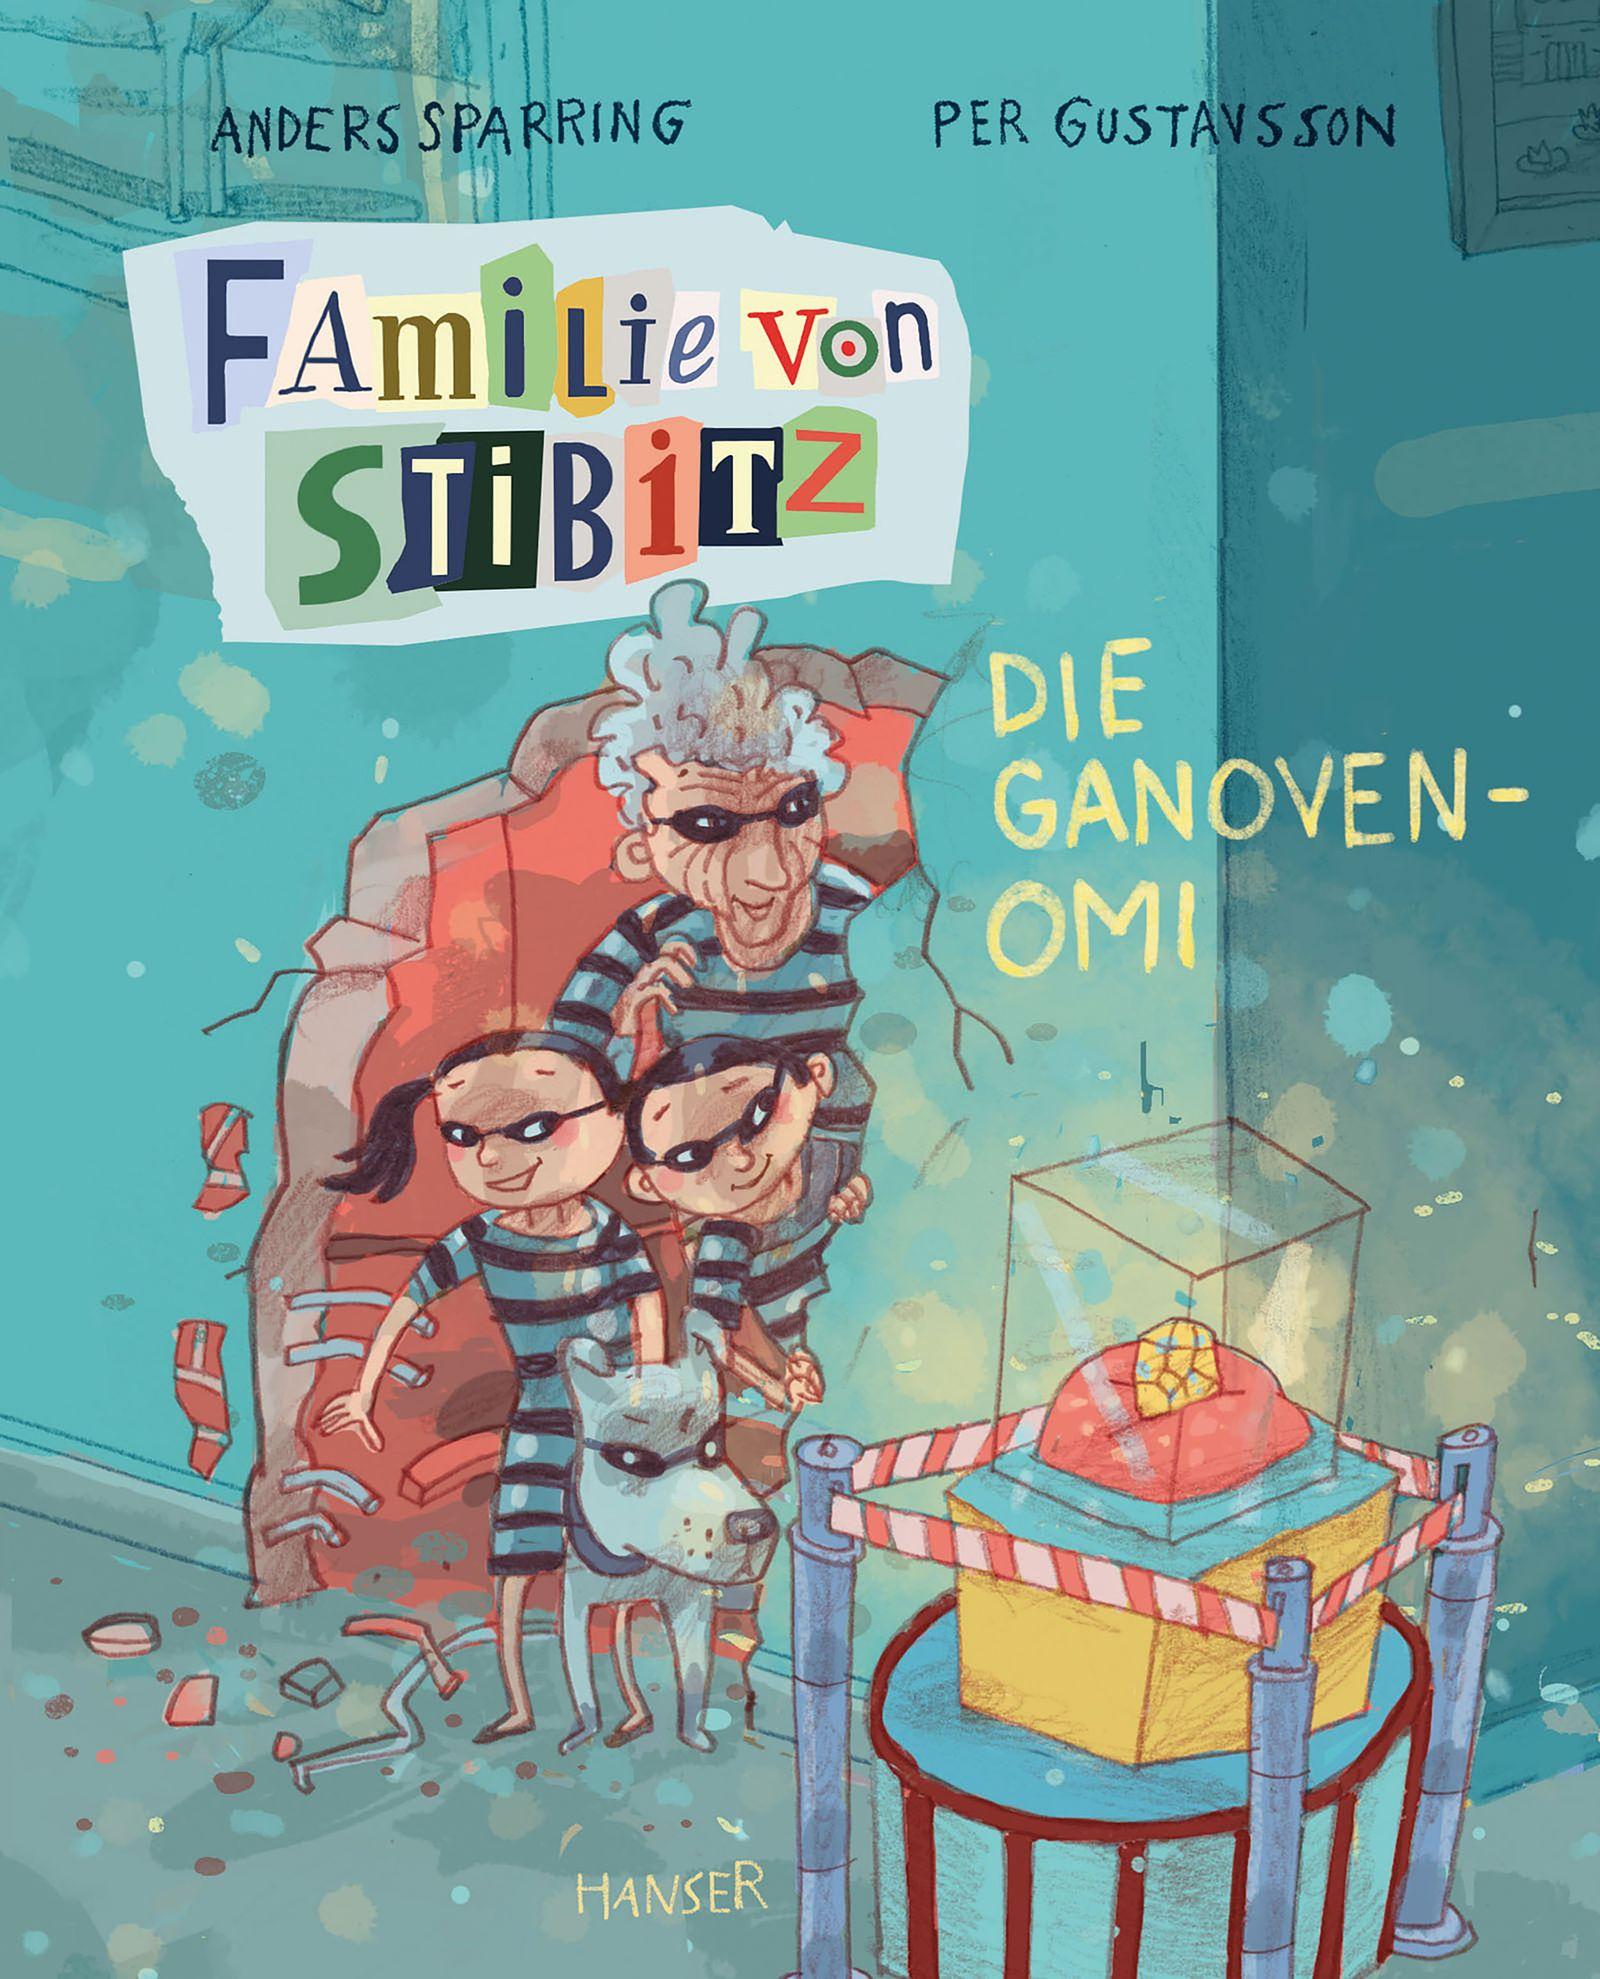 Kinderbücher/ Per Gustavsson, Anders Sparring: Familie von Stibitz. Die Ganoven-Omi COVER